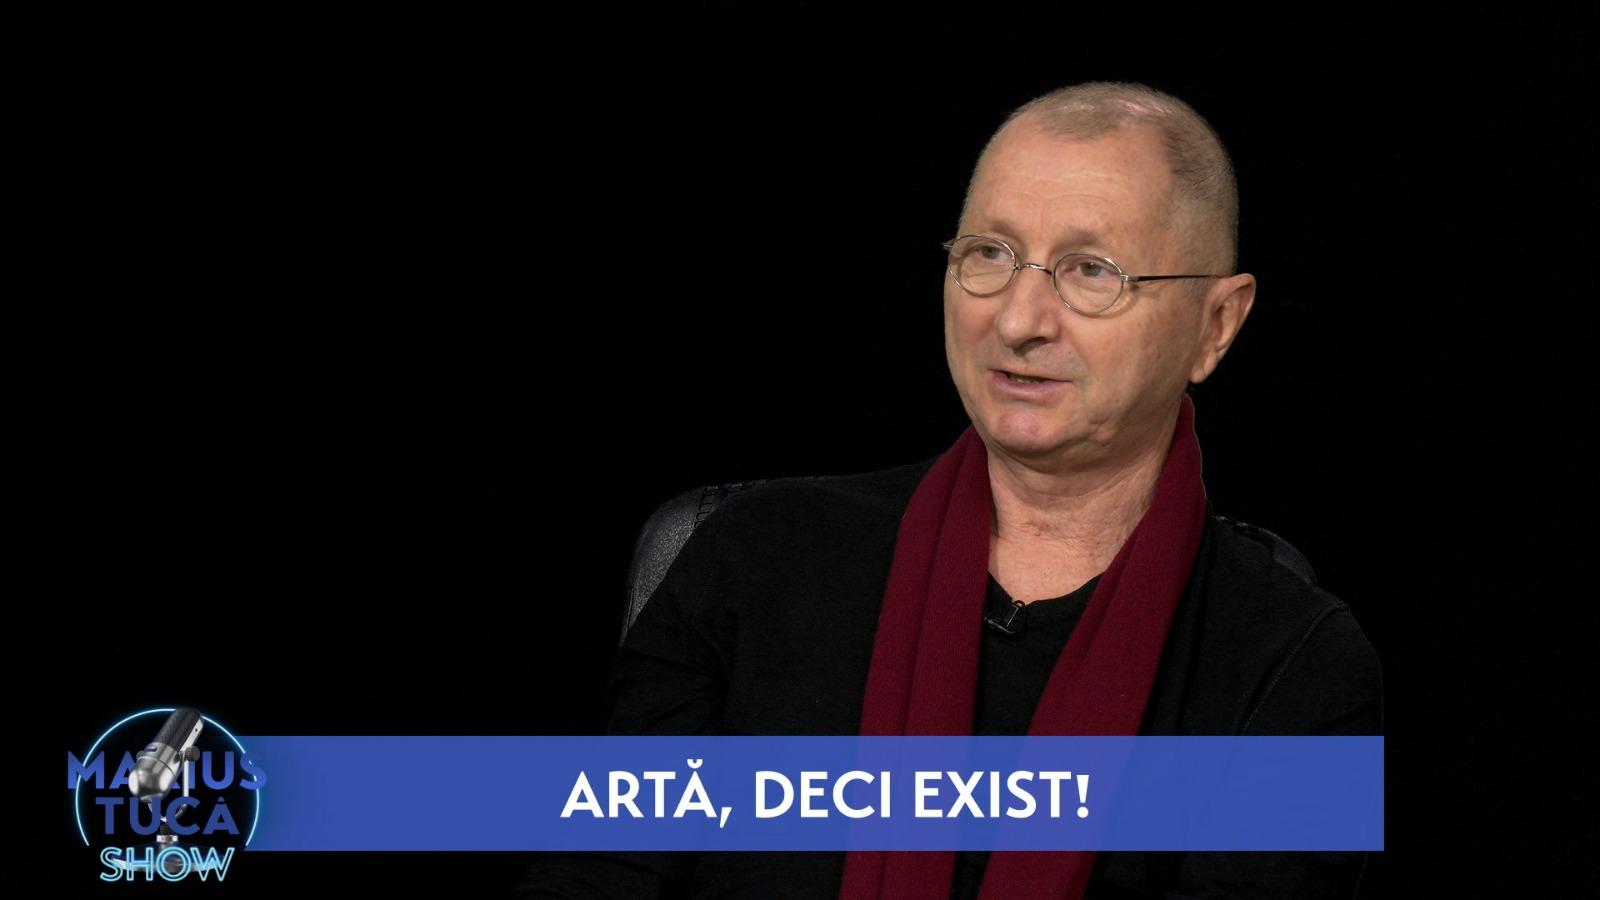 Horațiu Mălăele: Nu am crezut că există COVID. Când m-am îmbolnăvit, m-am deșteptat. Parcă te naști din nou